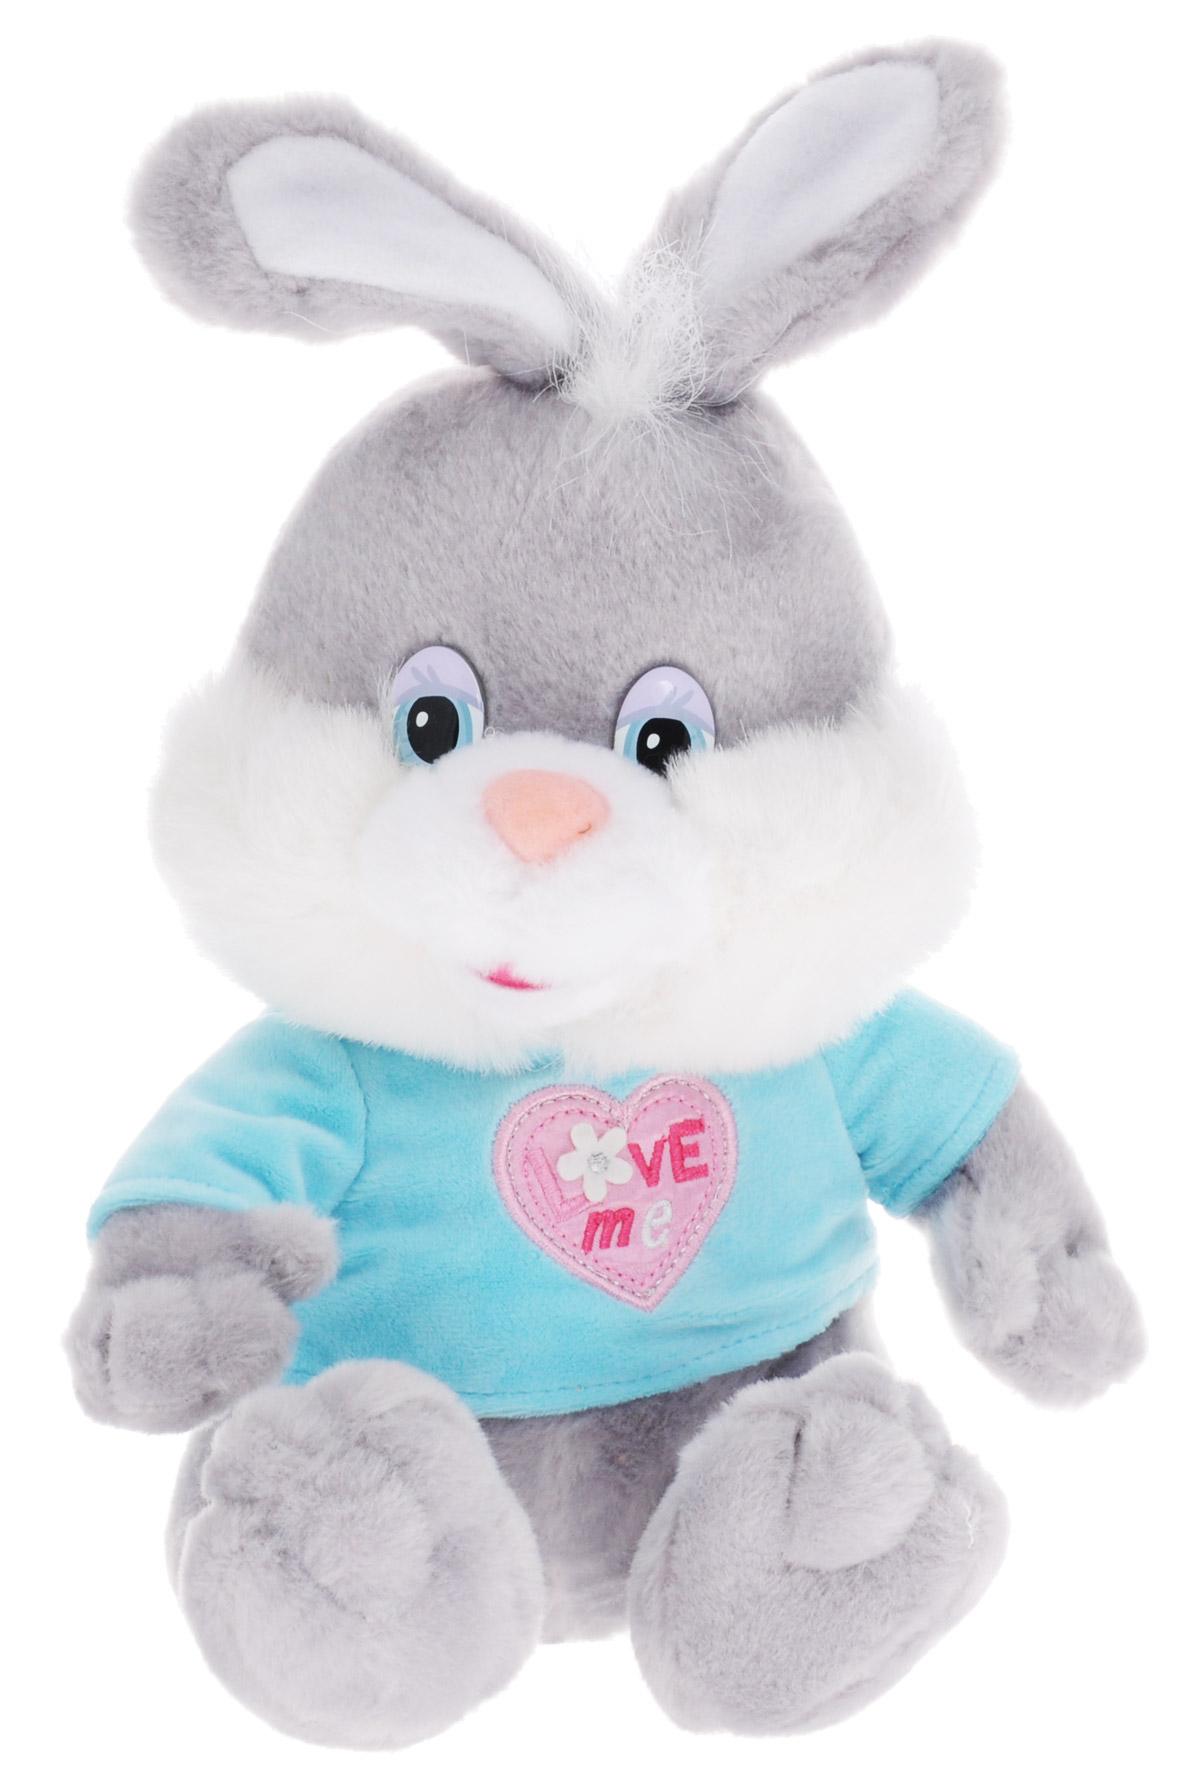 картинка зайца игрушечного тренде